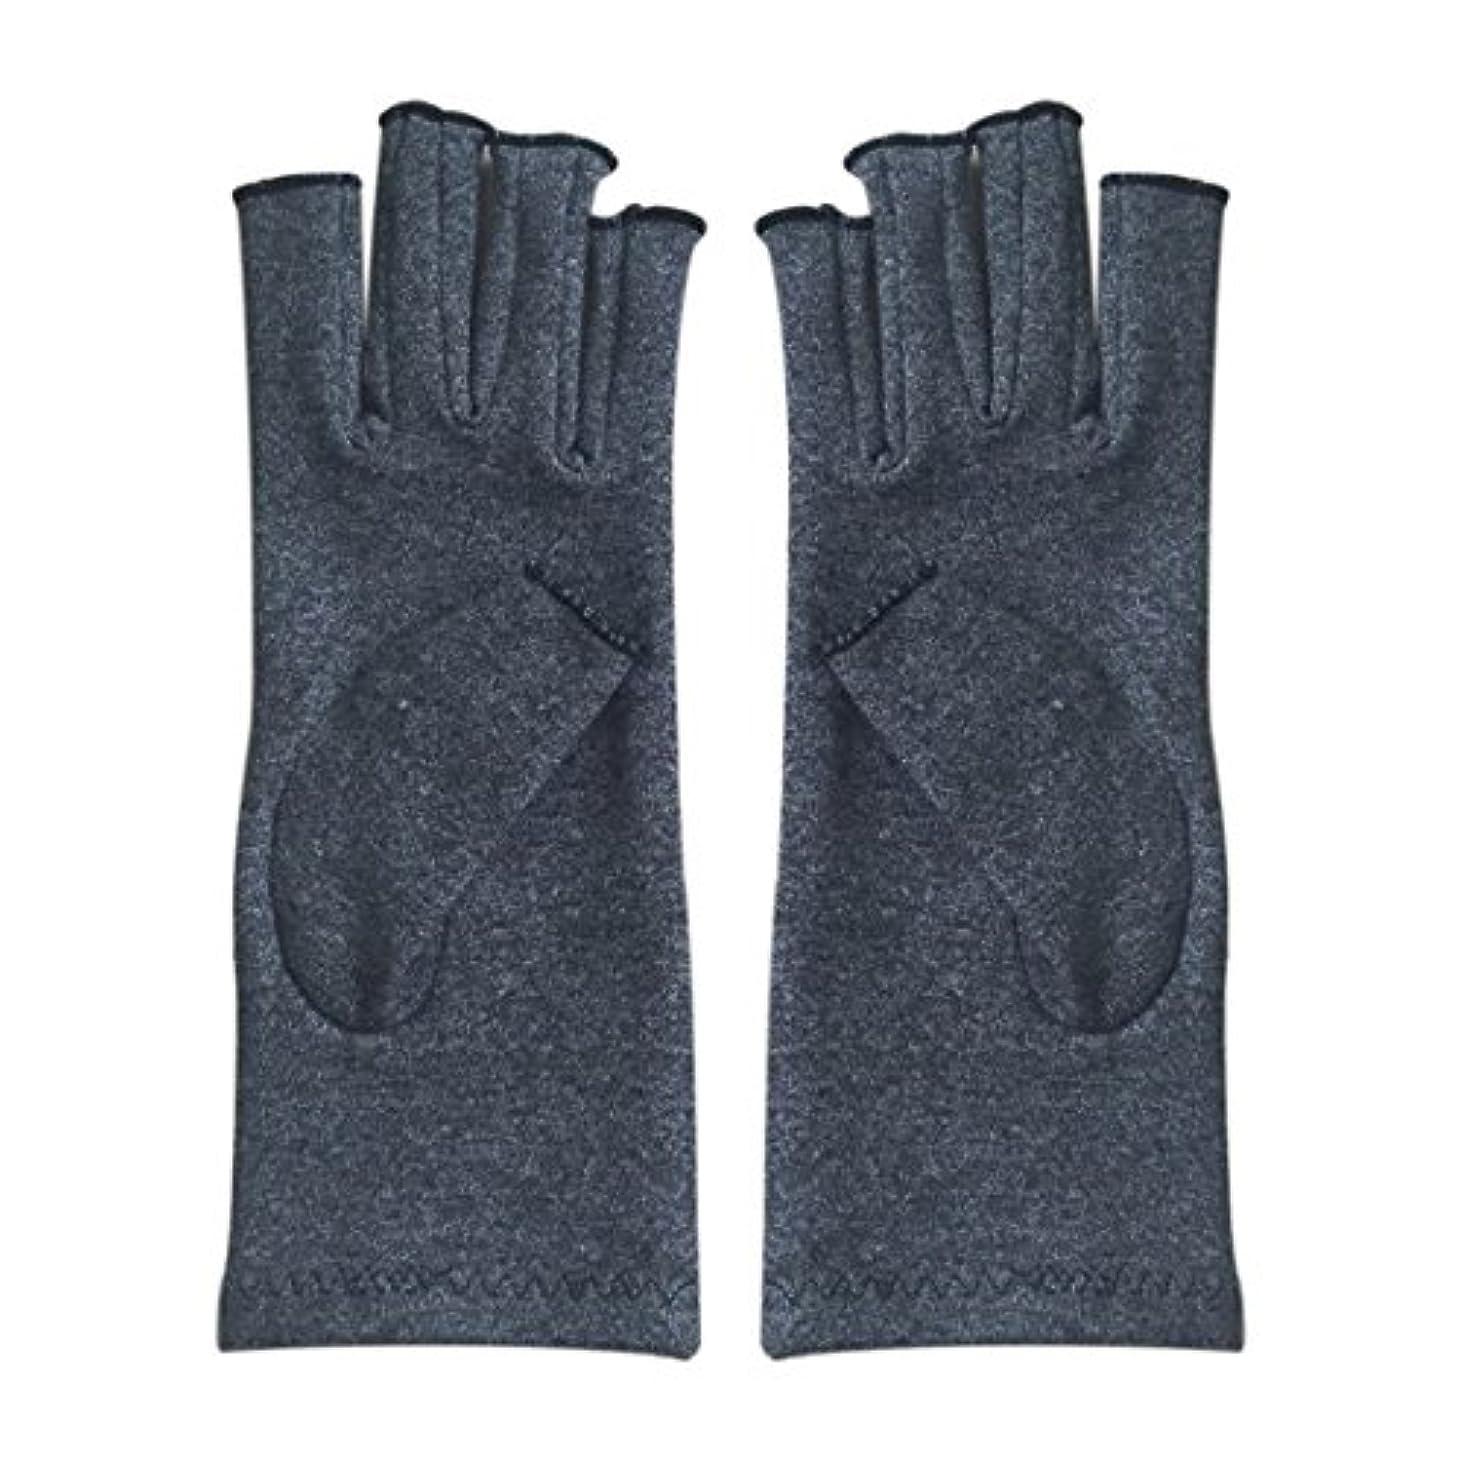 スロープ招待有罪CUHAWUDBA 1ペア成人男性女性用弾性コットンコンプレッション手袋手関節炎関節痛鎮痛軽減M - 灰色、M